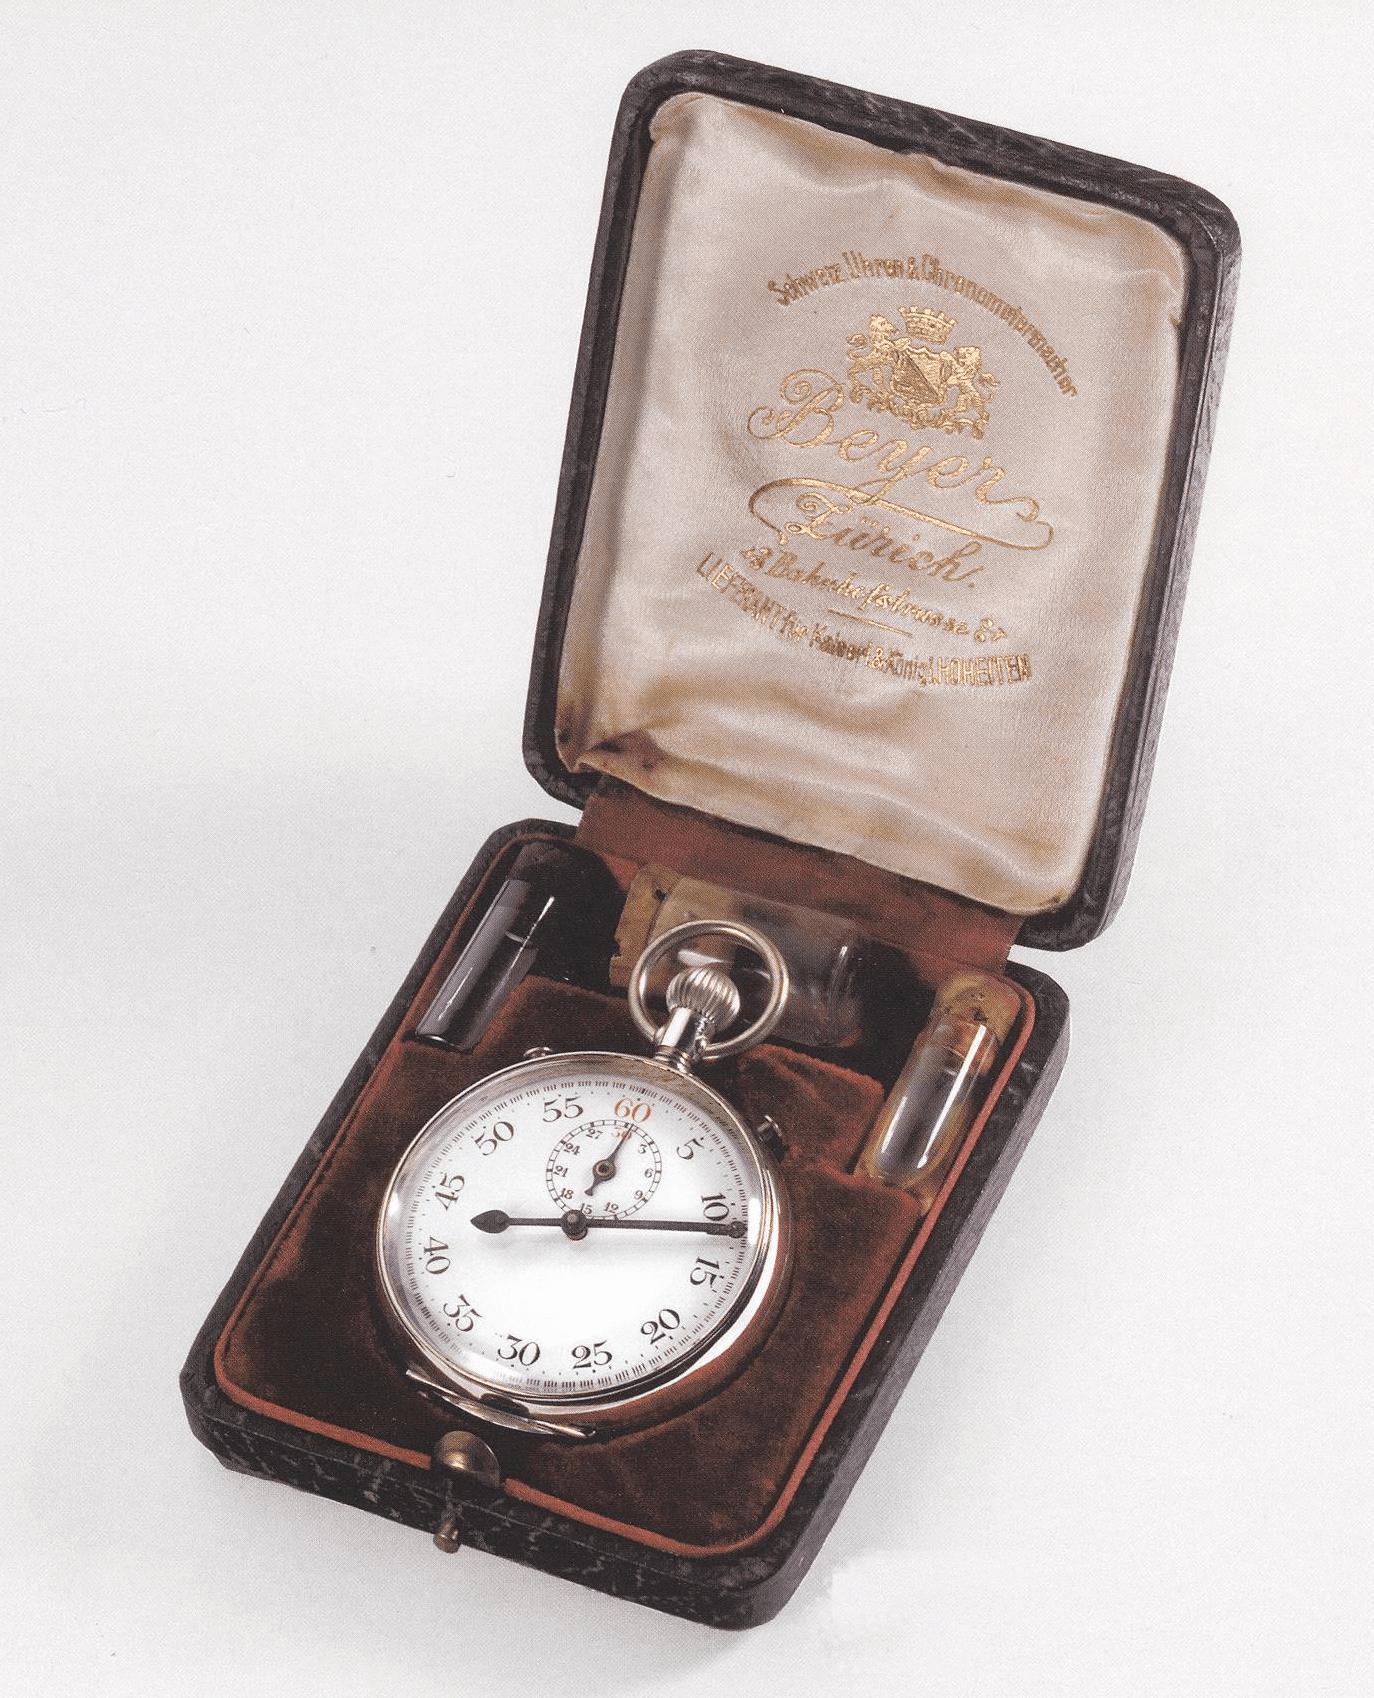 Tintenschreiber Chronographenfunktion einer Taschenuhr von Beyer von 1875